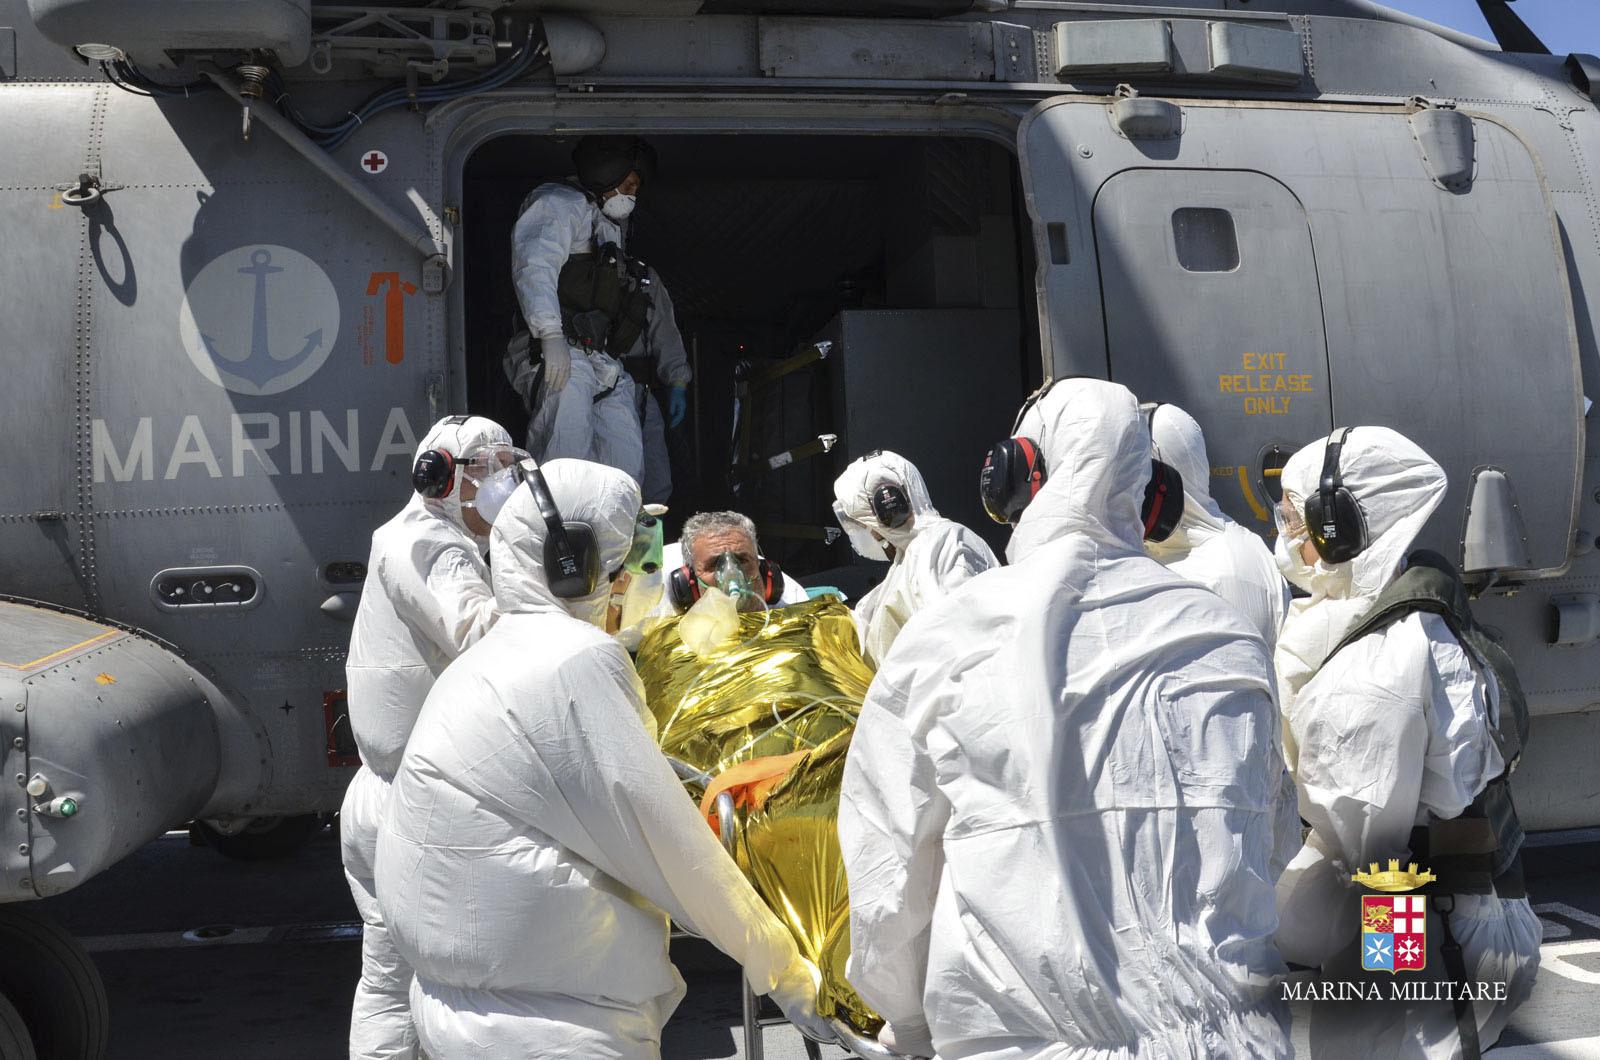 Trasferito al presidio medico di Lampedusa il marittimo tunisino soccorso da Nave Scirocco